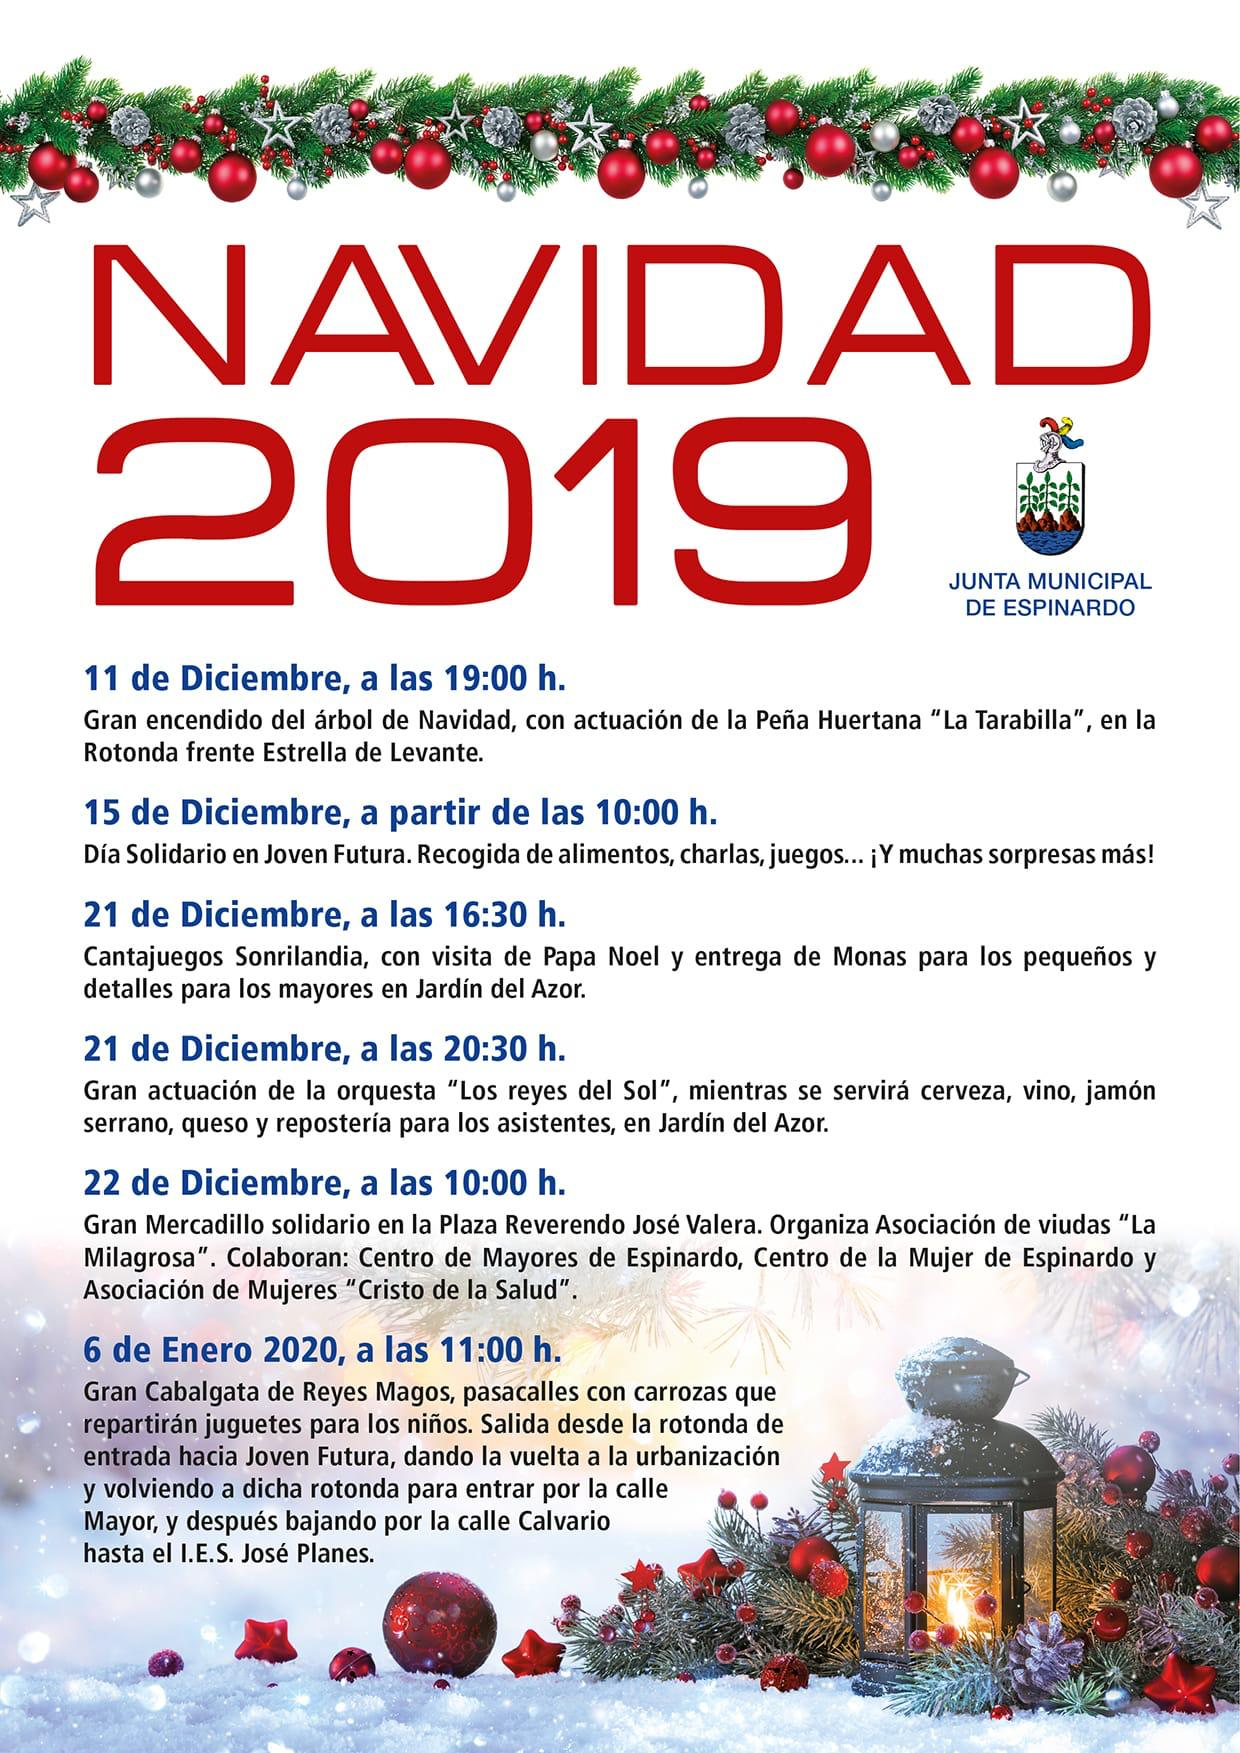 Cartel Navidad 2019 - Junta Municipal Espinardo